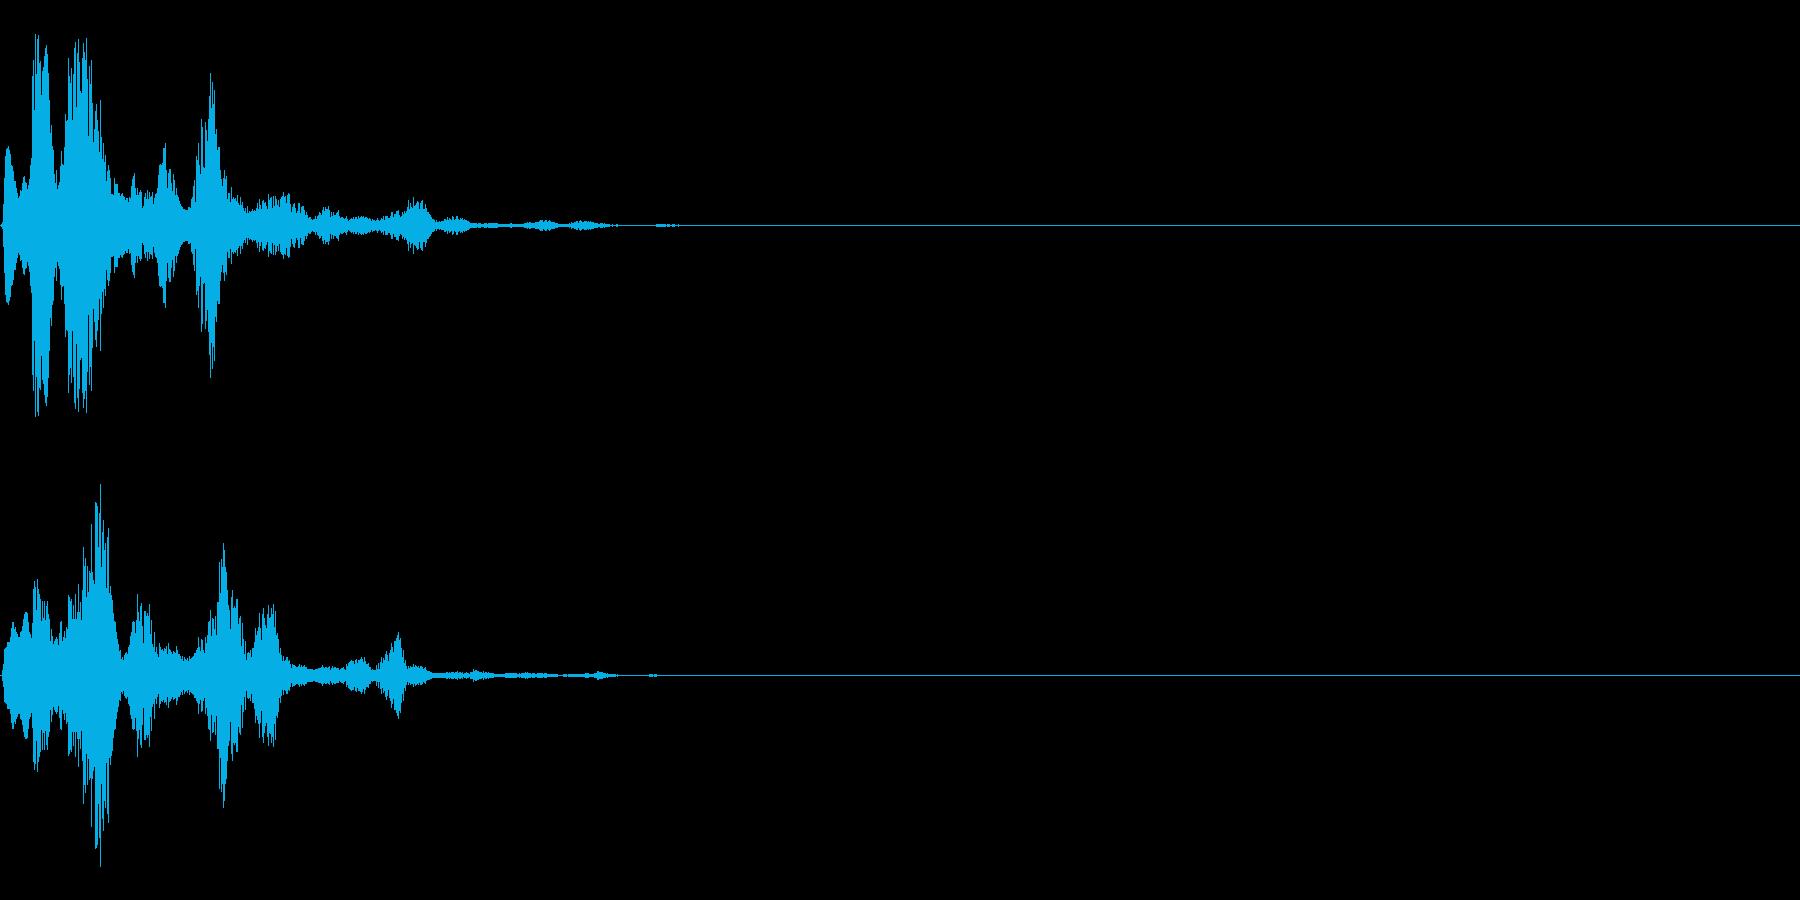 システム音(決定、スタート)の再生済みの波形